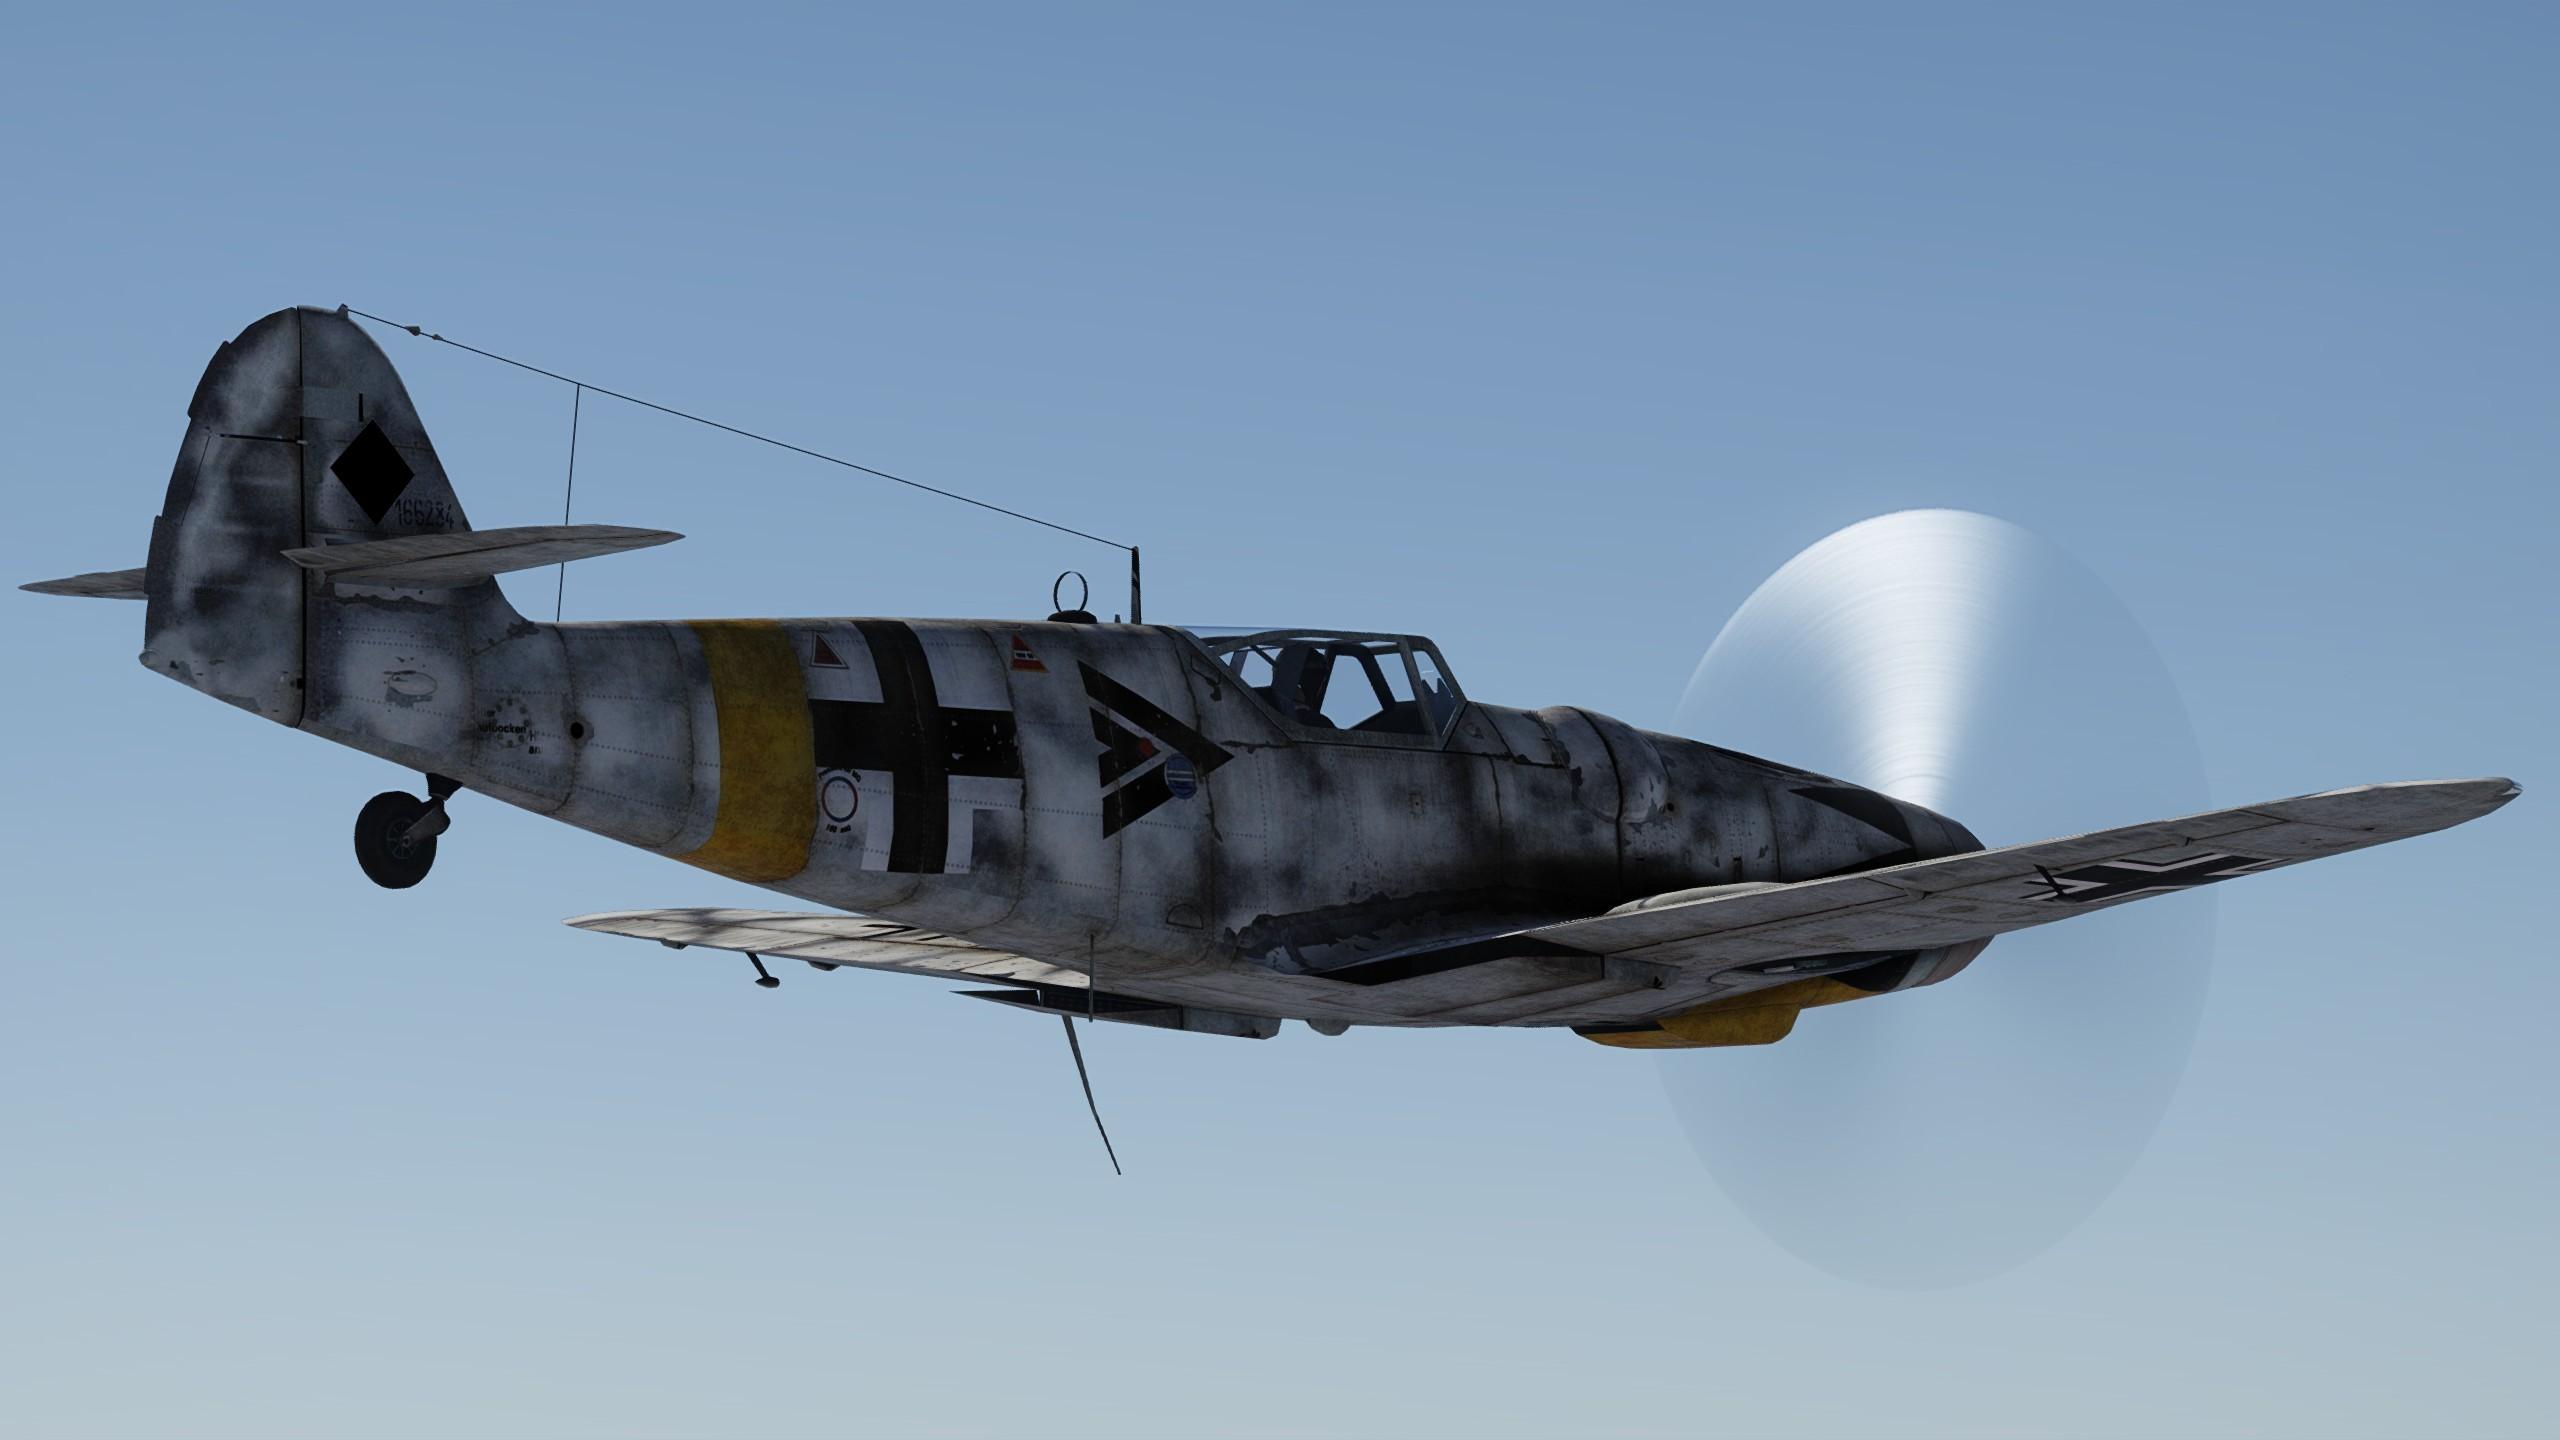 Awesome War Thunder Bf109 G 6 30mm Mk108 Youtube - myasthenia-gbspk org